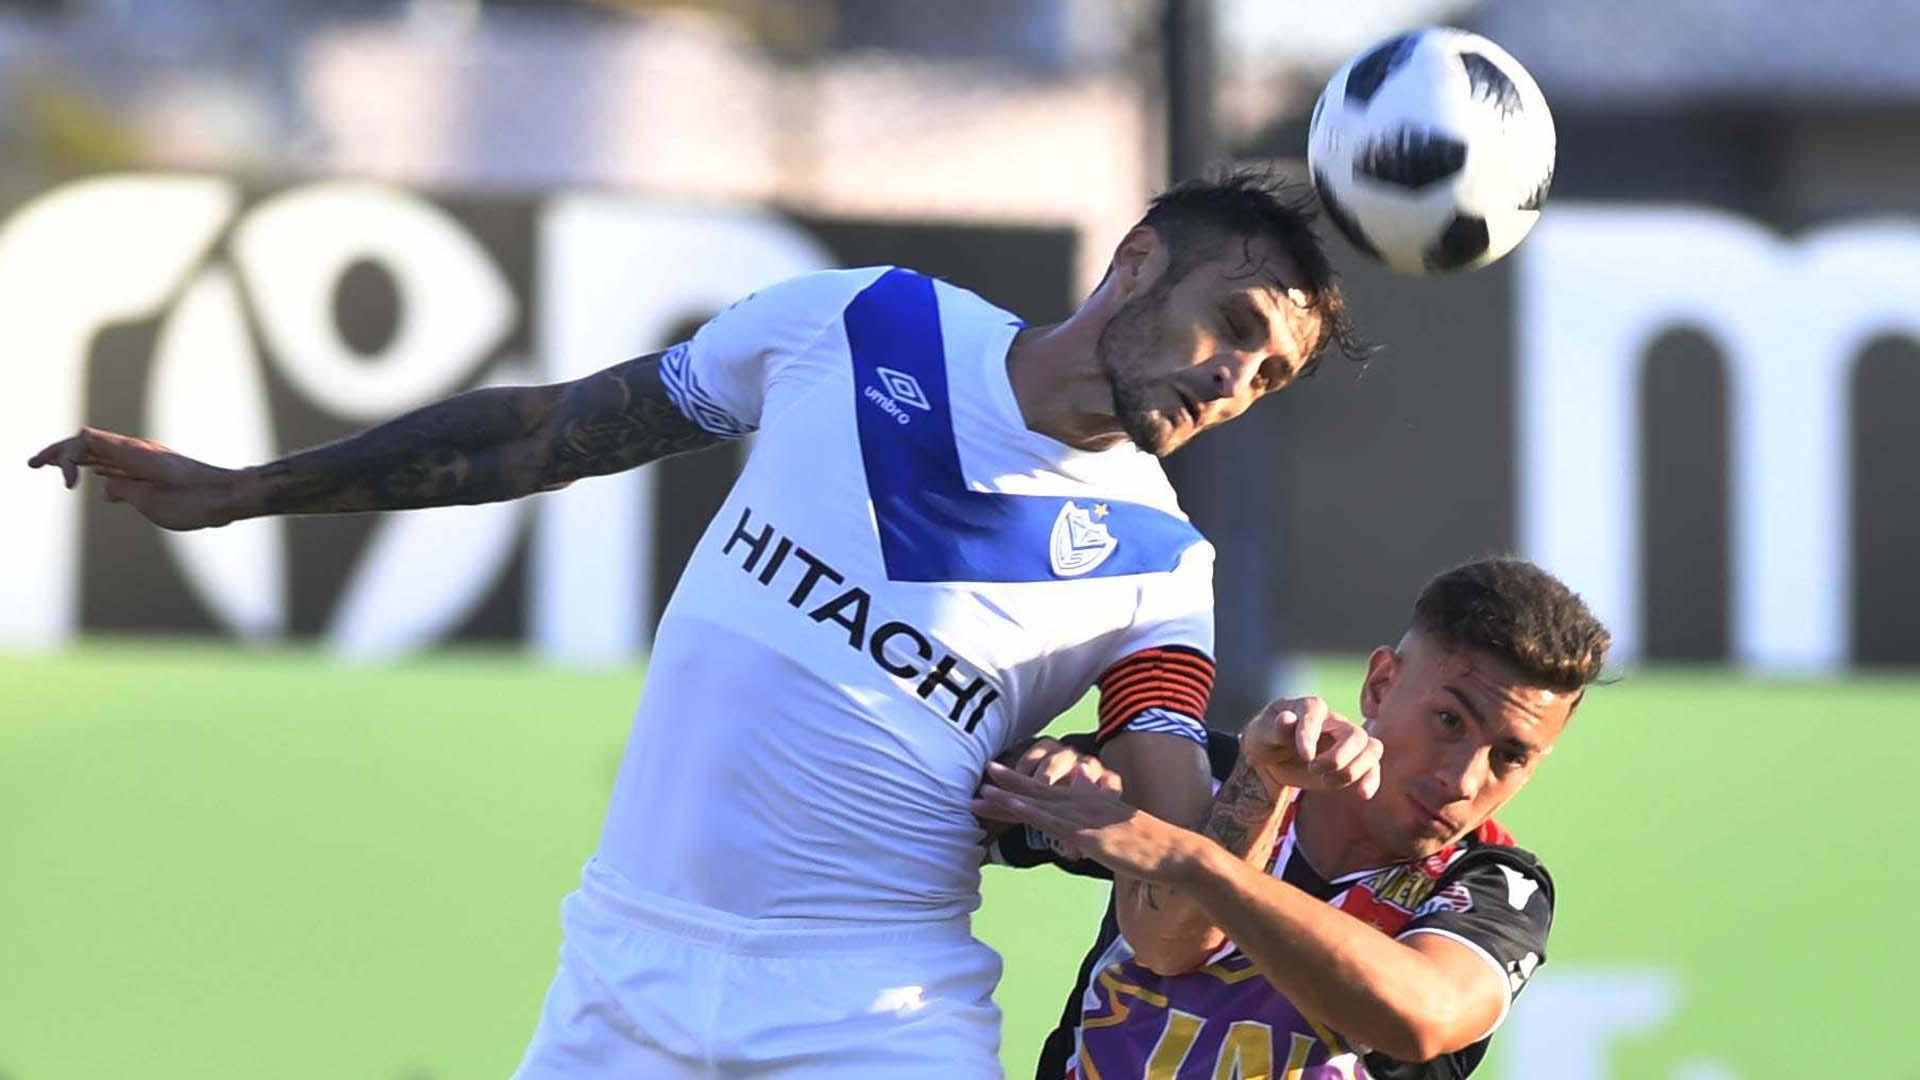 Chacarita es el más comprometido y podría complicar a Vélez con una gran performance (Télam)